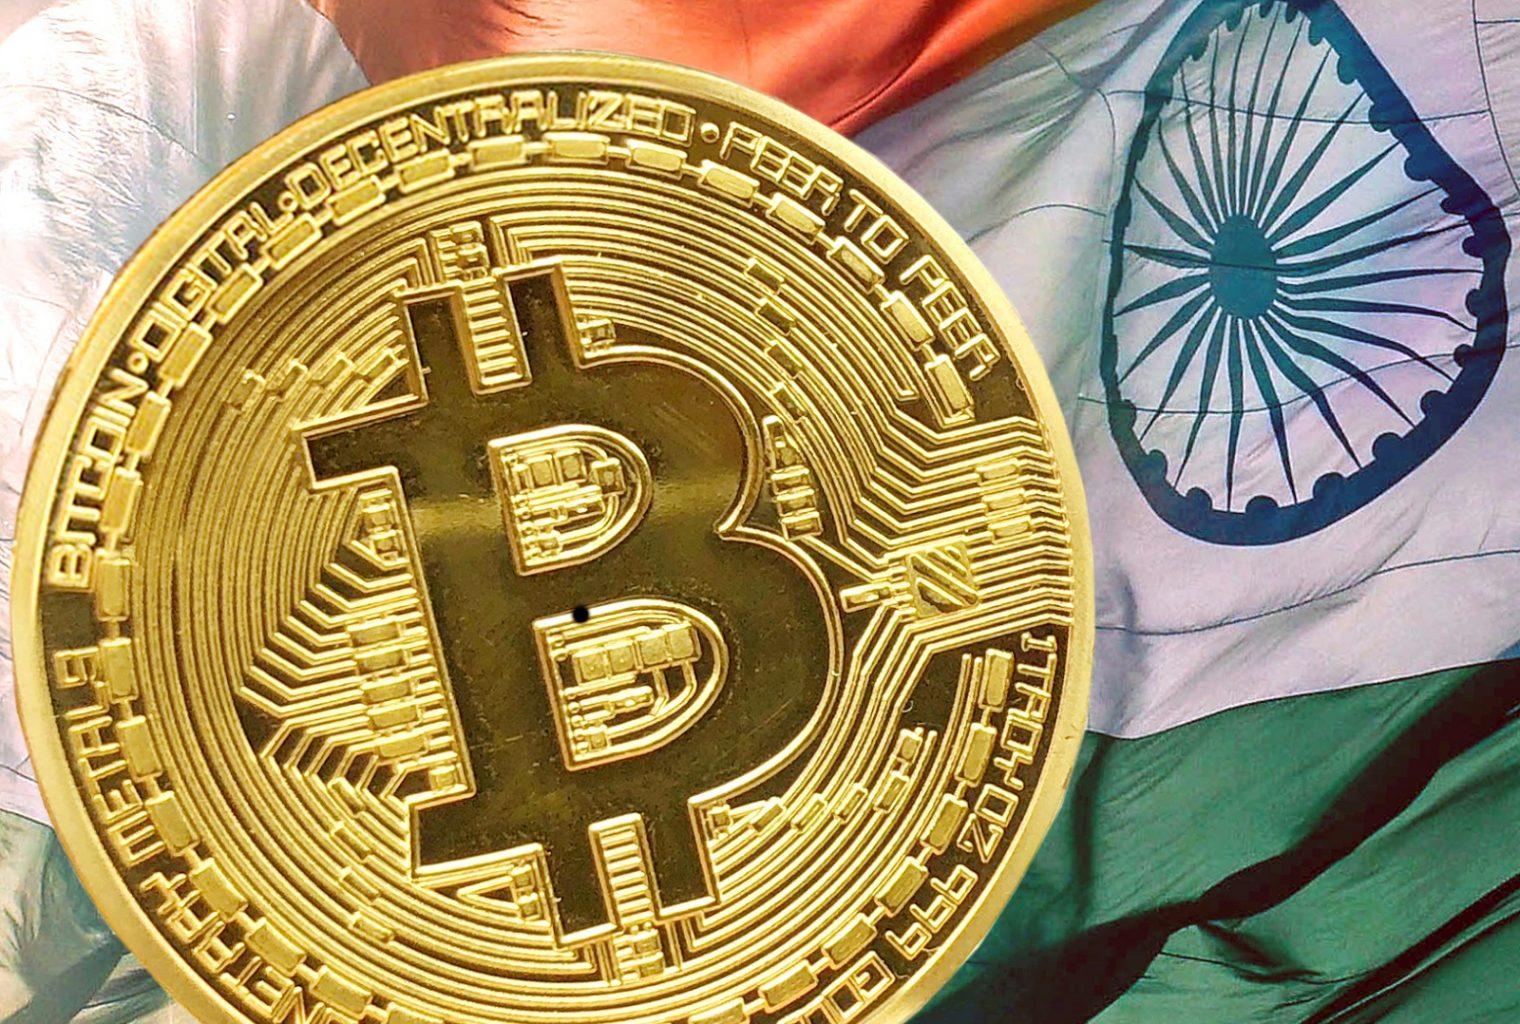 Hindistan Merkez Bankası Kendi Dijital Parasını Çıkarmayı Planlıyor